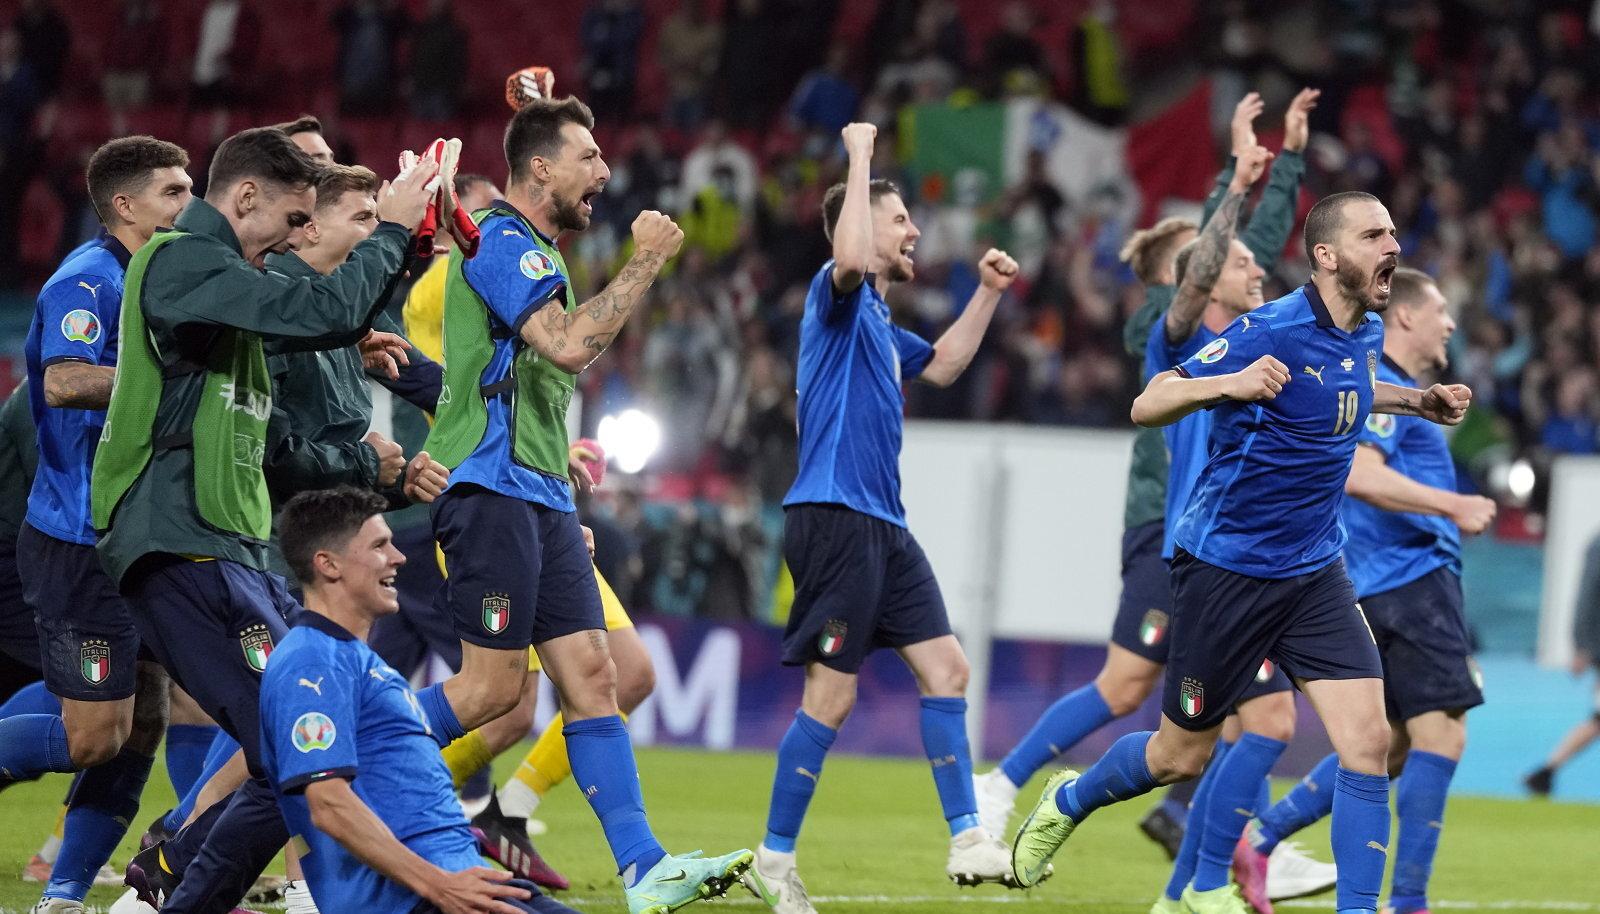 Itaalia koondislased finaali jõudmist tähistamas.